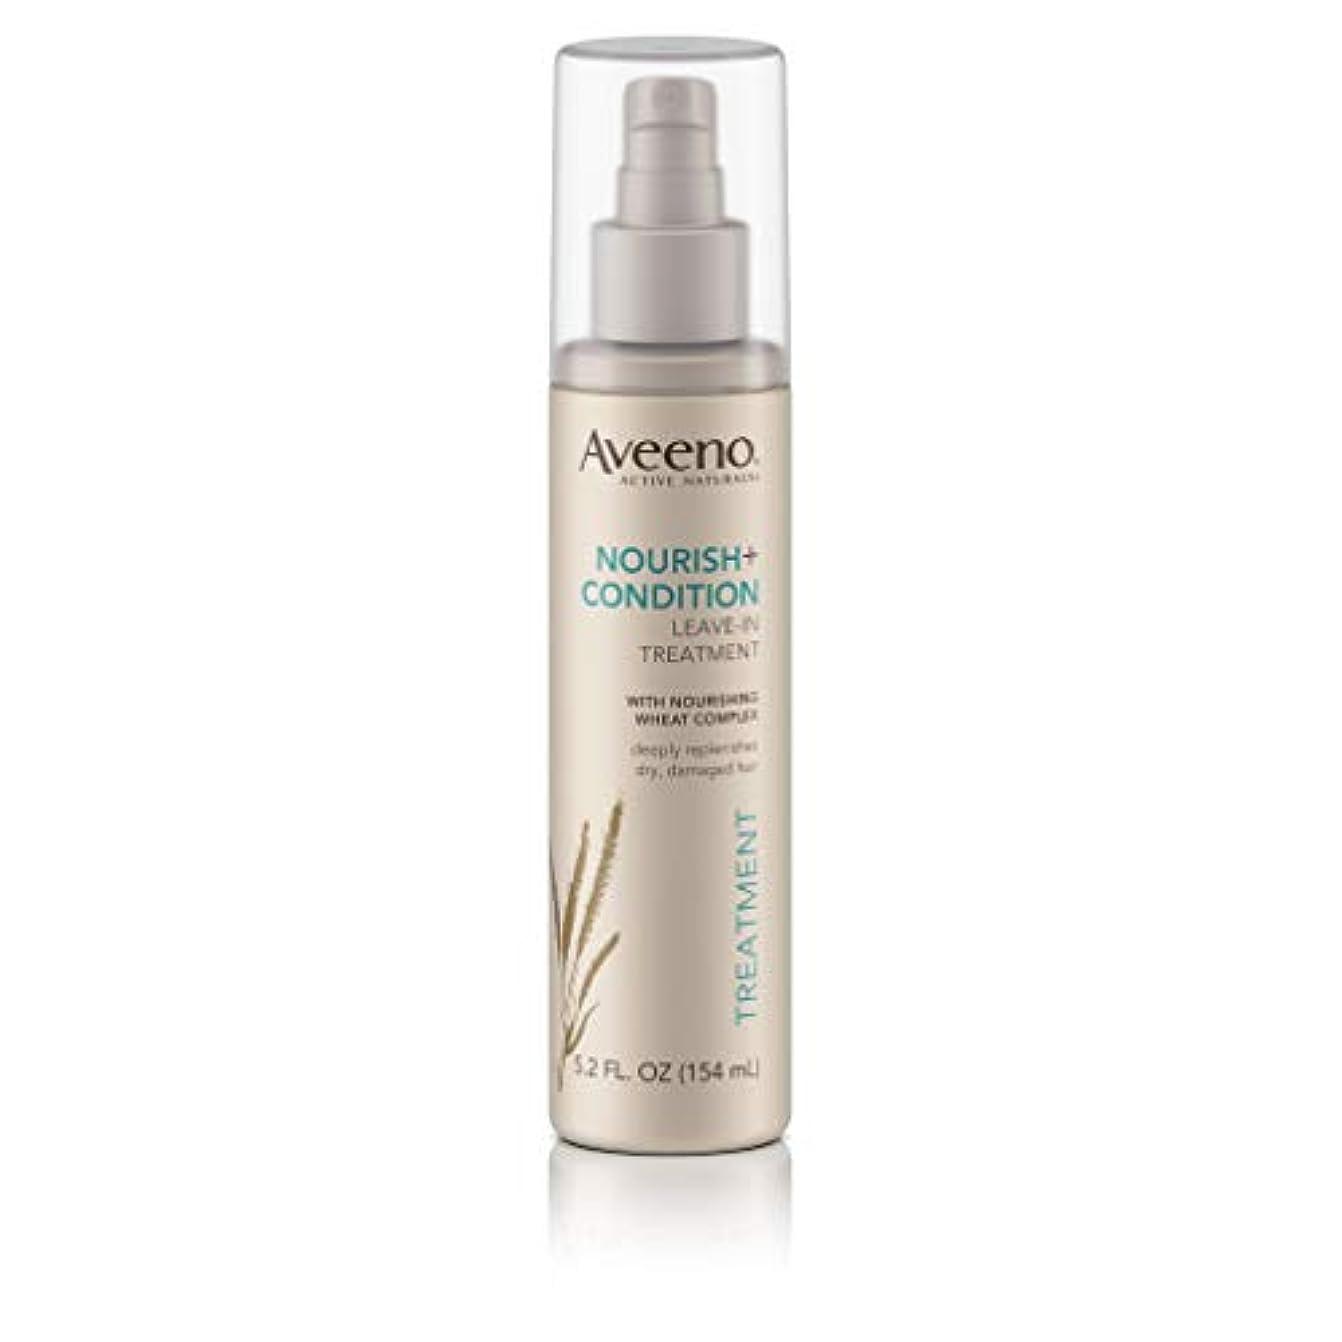 粘性のローラーそこAveeno Nourish+ Condition Treatment Spray 150g (並行輸入品)